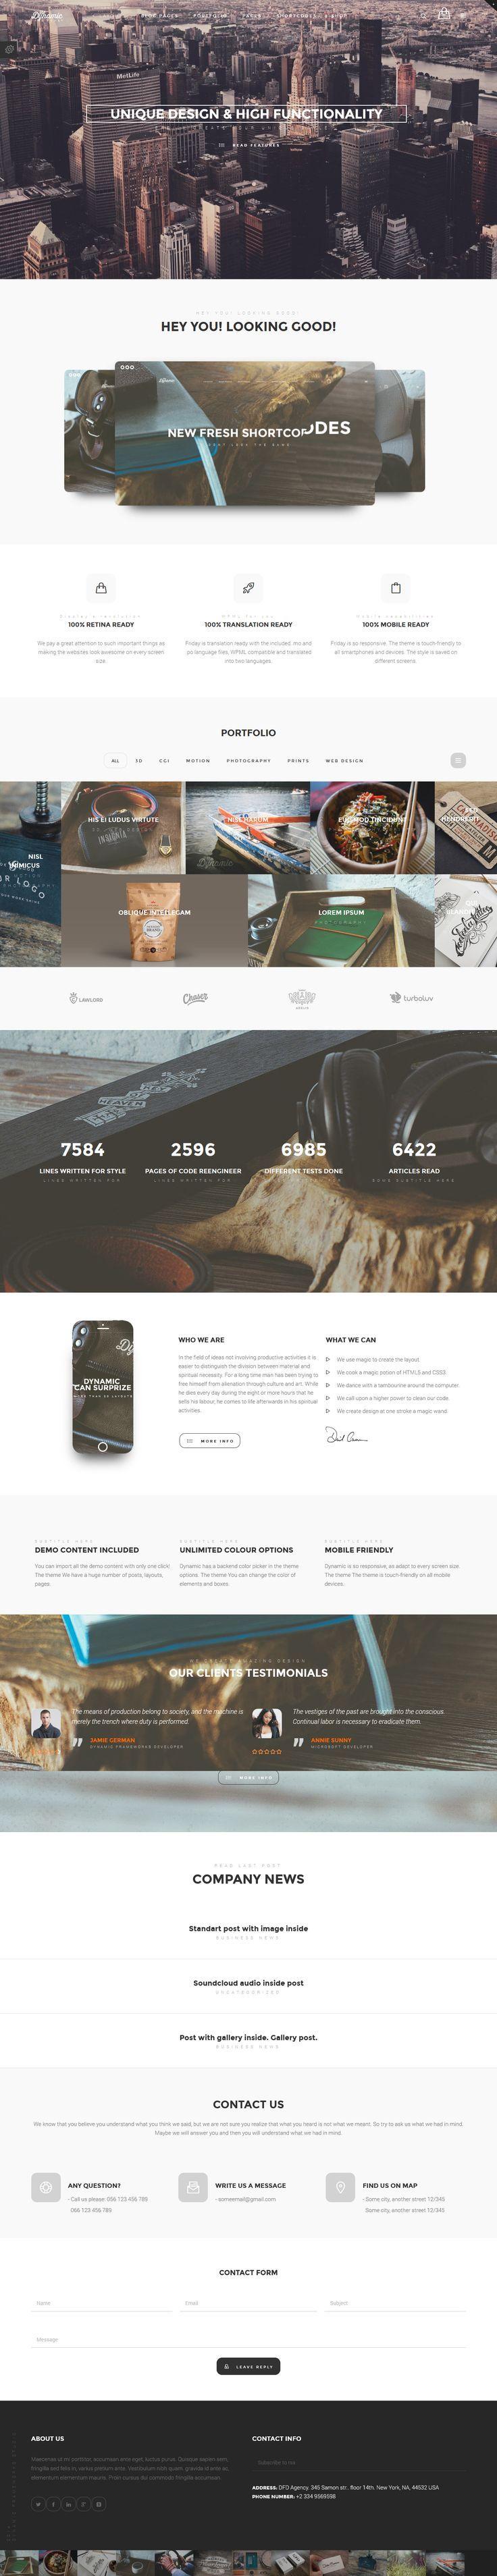 Minimal Webdesign Inspiration Web Design Webdesign Layouts Design Web